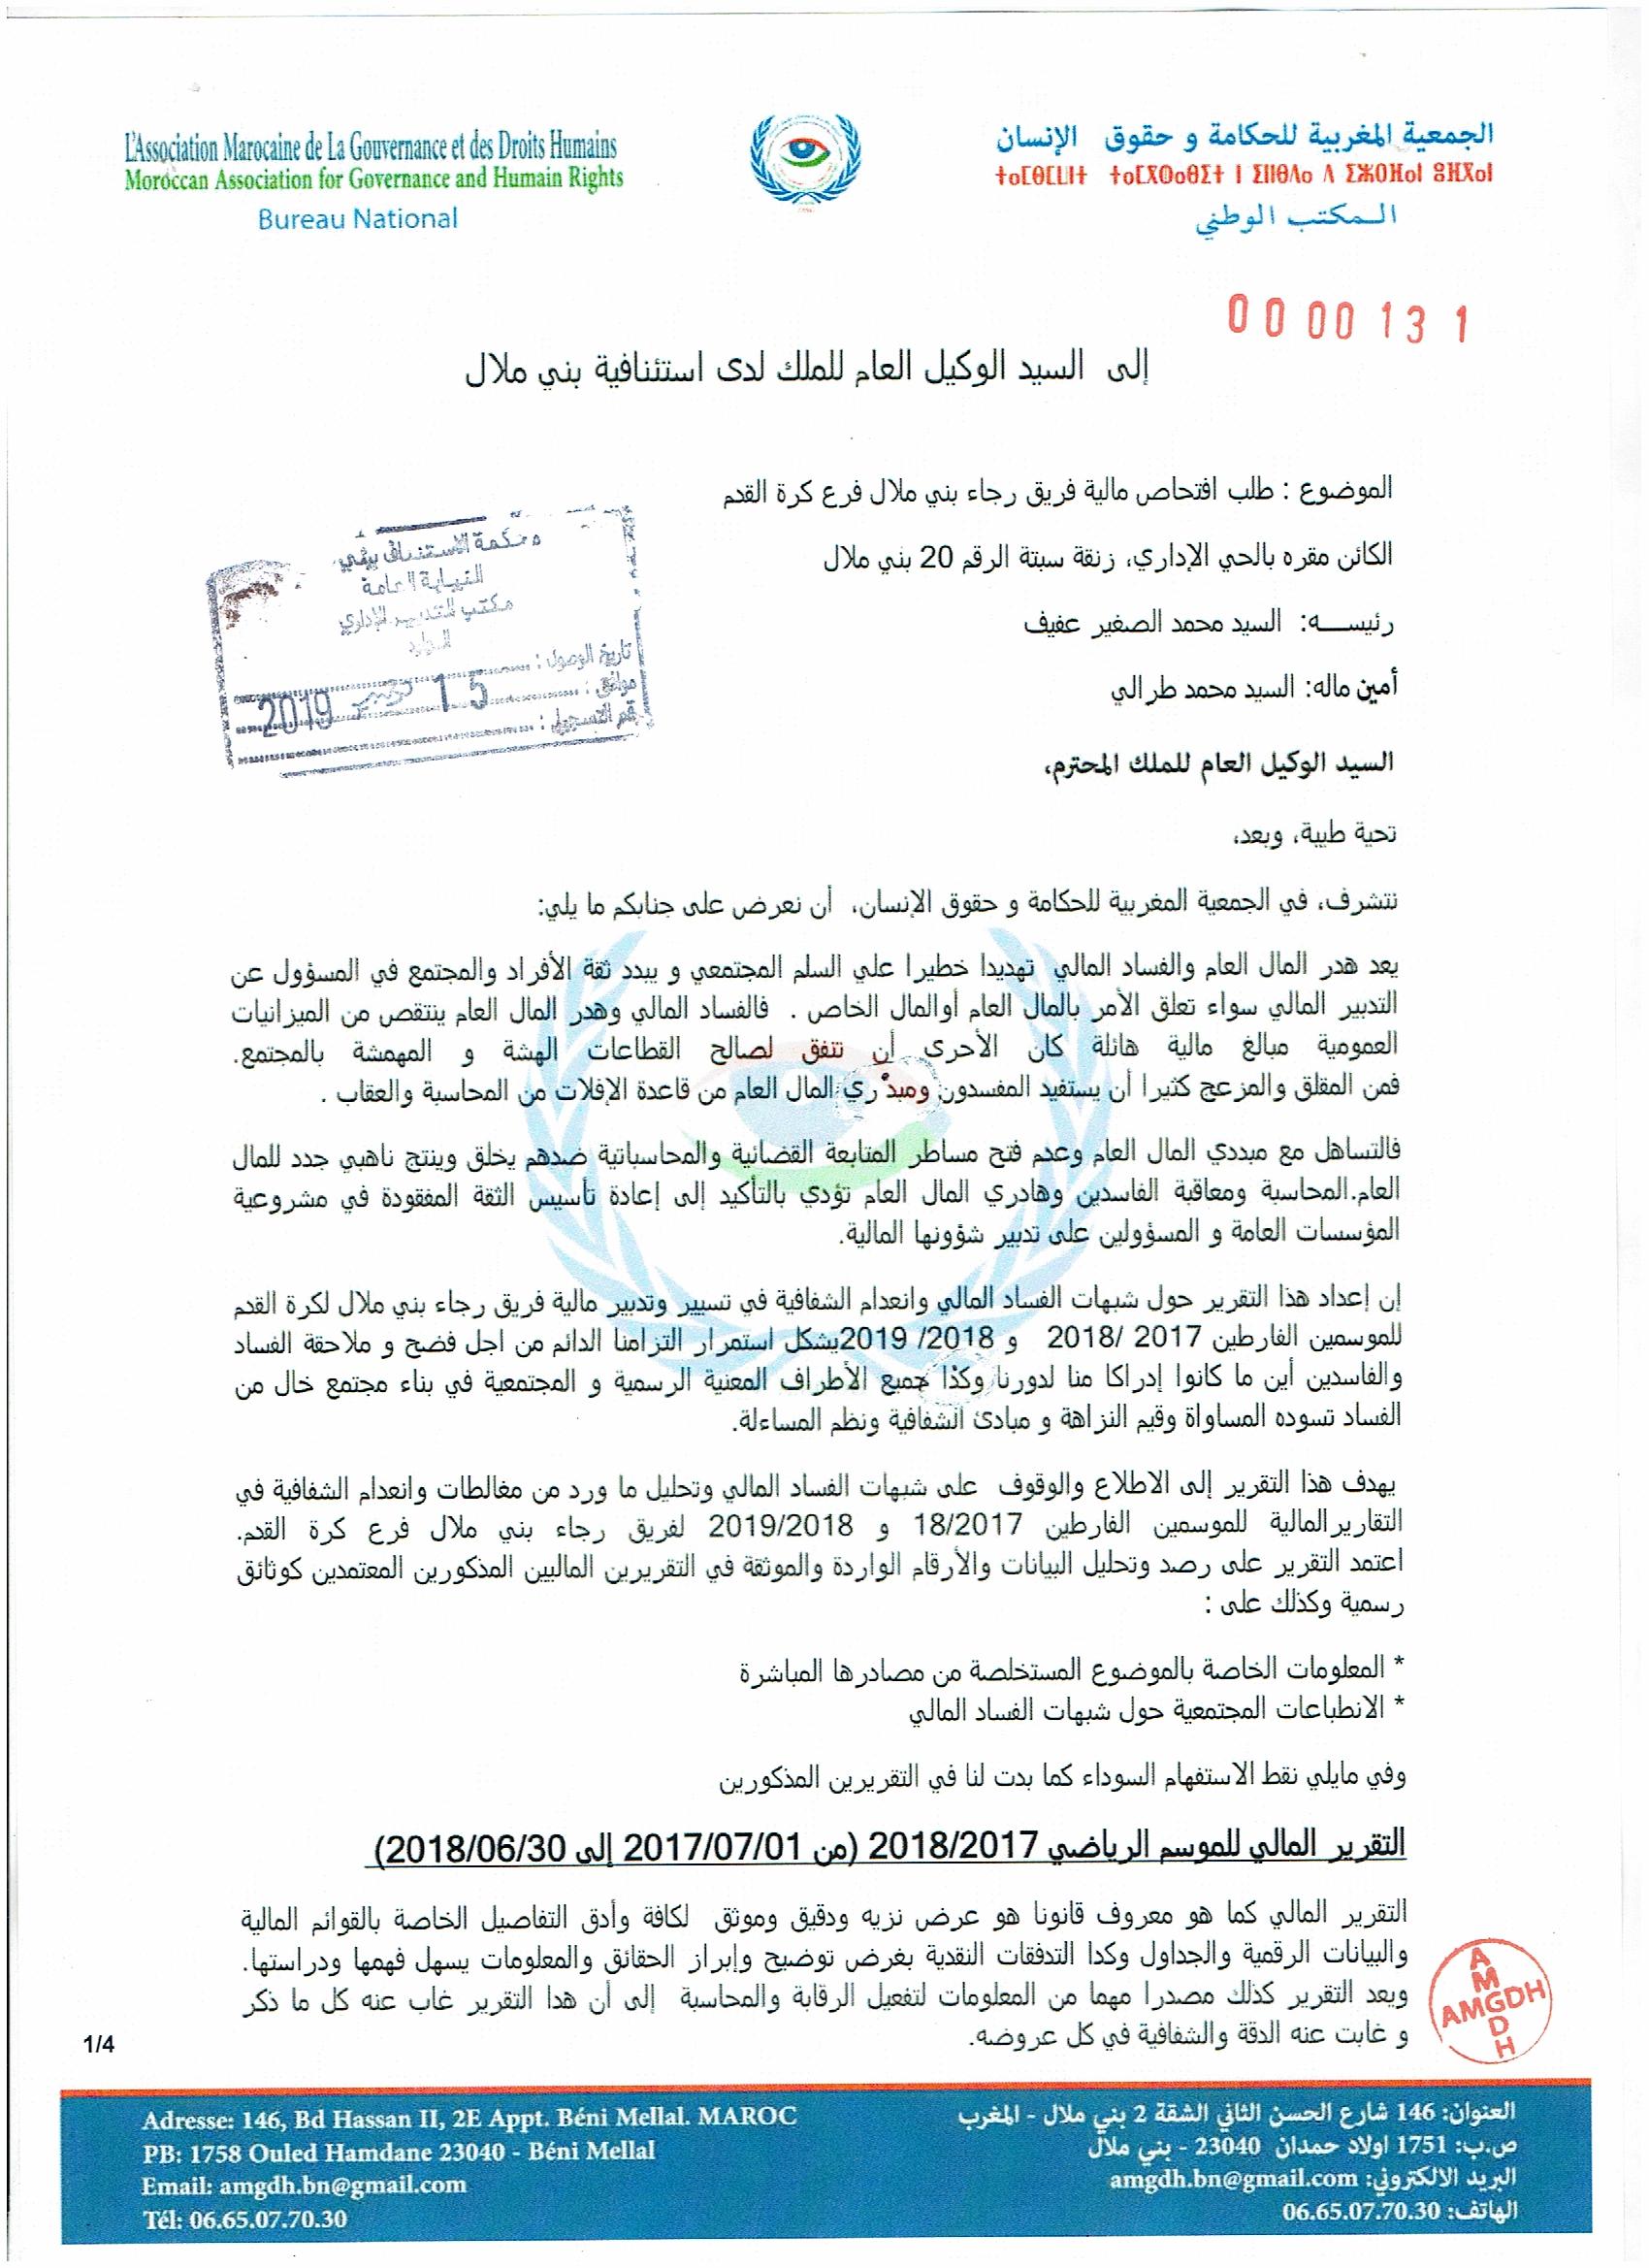 الجمعية المغربية للحكامة وحقوق الانسان تطالب بافتحاص مالية فريق رجاء بني ملال لكرة القدم